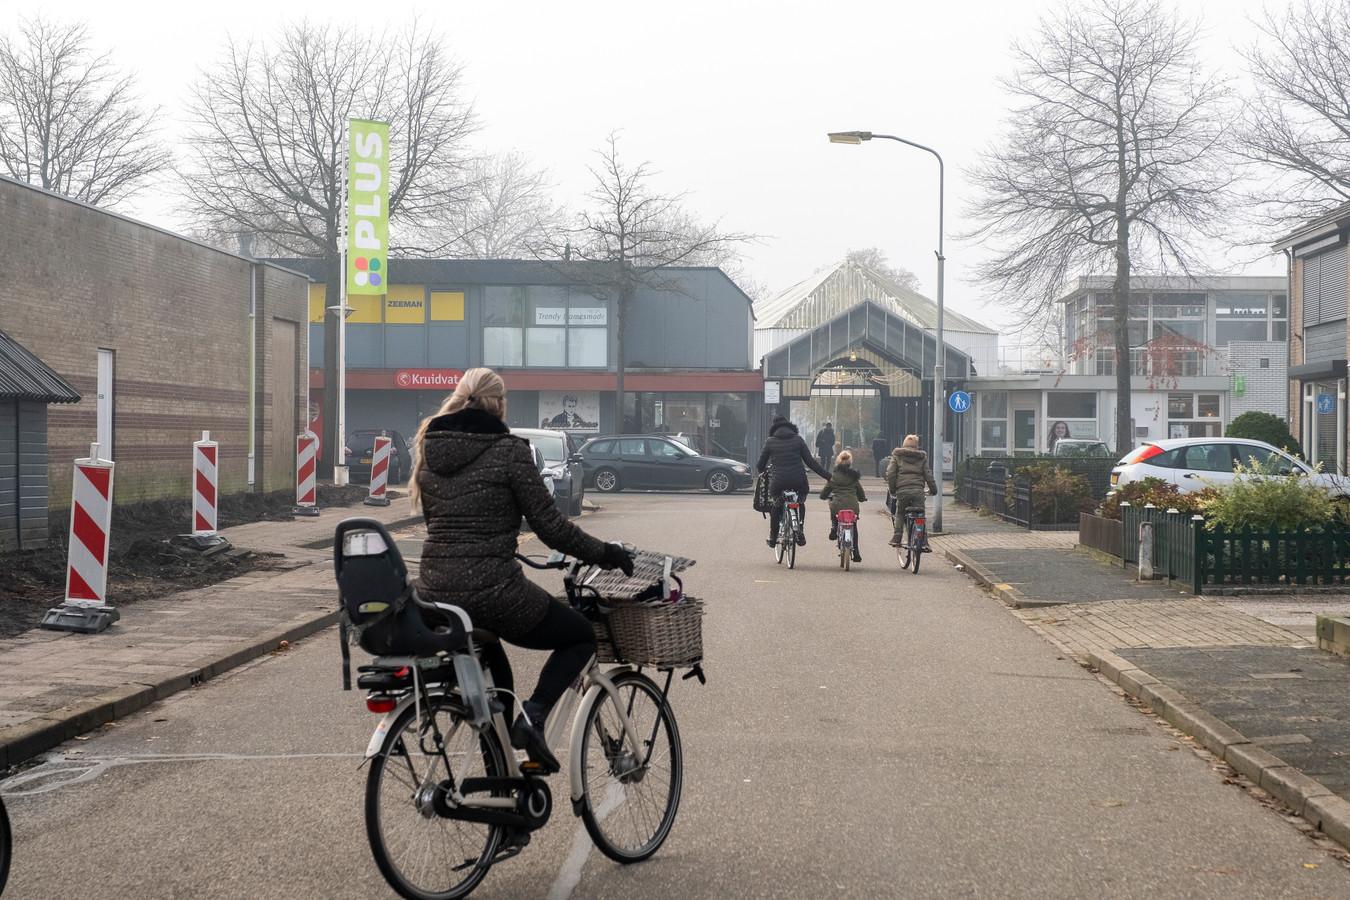 De bewoners van de Spireastraat vrezen voor overlast als de Plus uitgebreid wordt richting hun woningen.